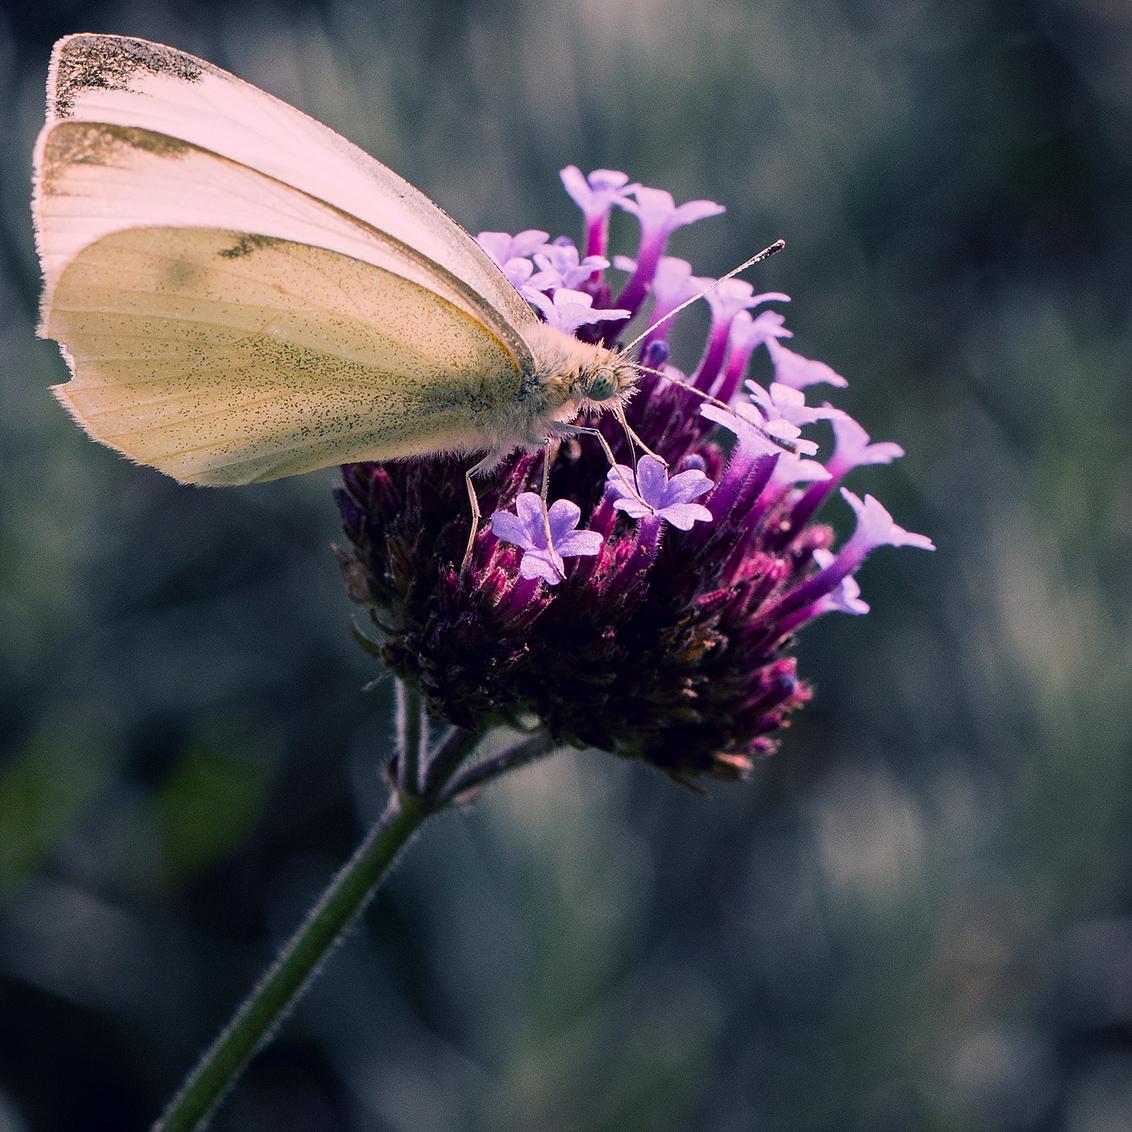 Koolwitje - Een koolwitje zoekend naar zijn lunch.. - foto door Christiaan_zoom op 20-08-2017 - deze foto bevat: roze, donker, eten, macro, wit, bloem, natuur, vlinder, oog, koolwitje, tong, filter, bokeh